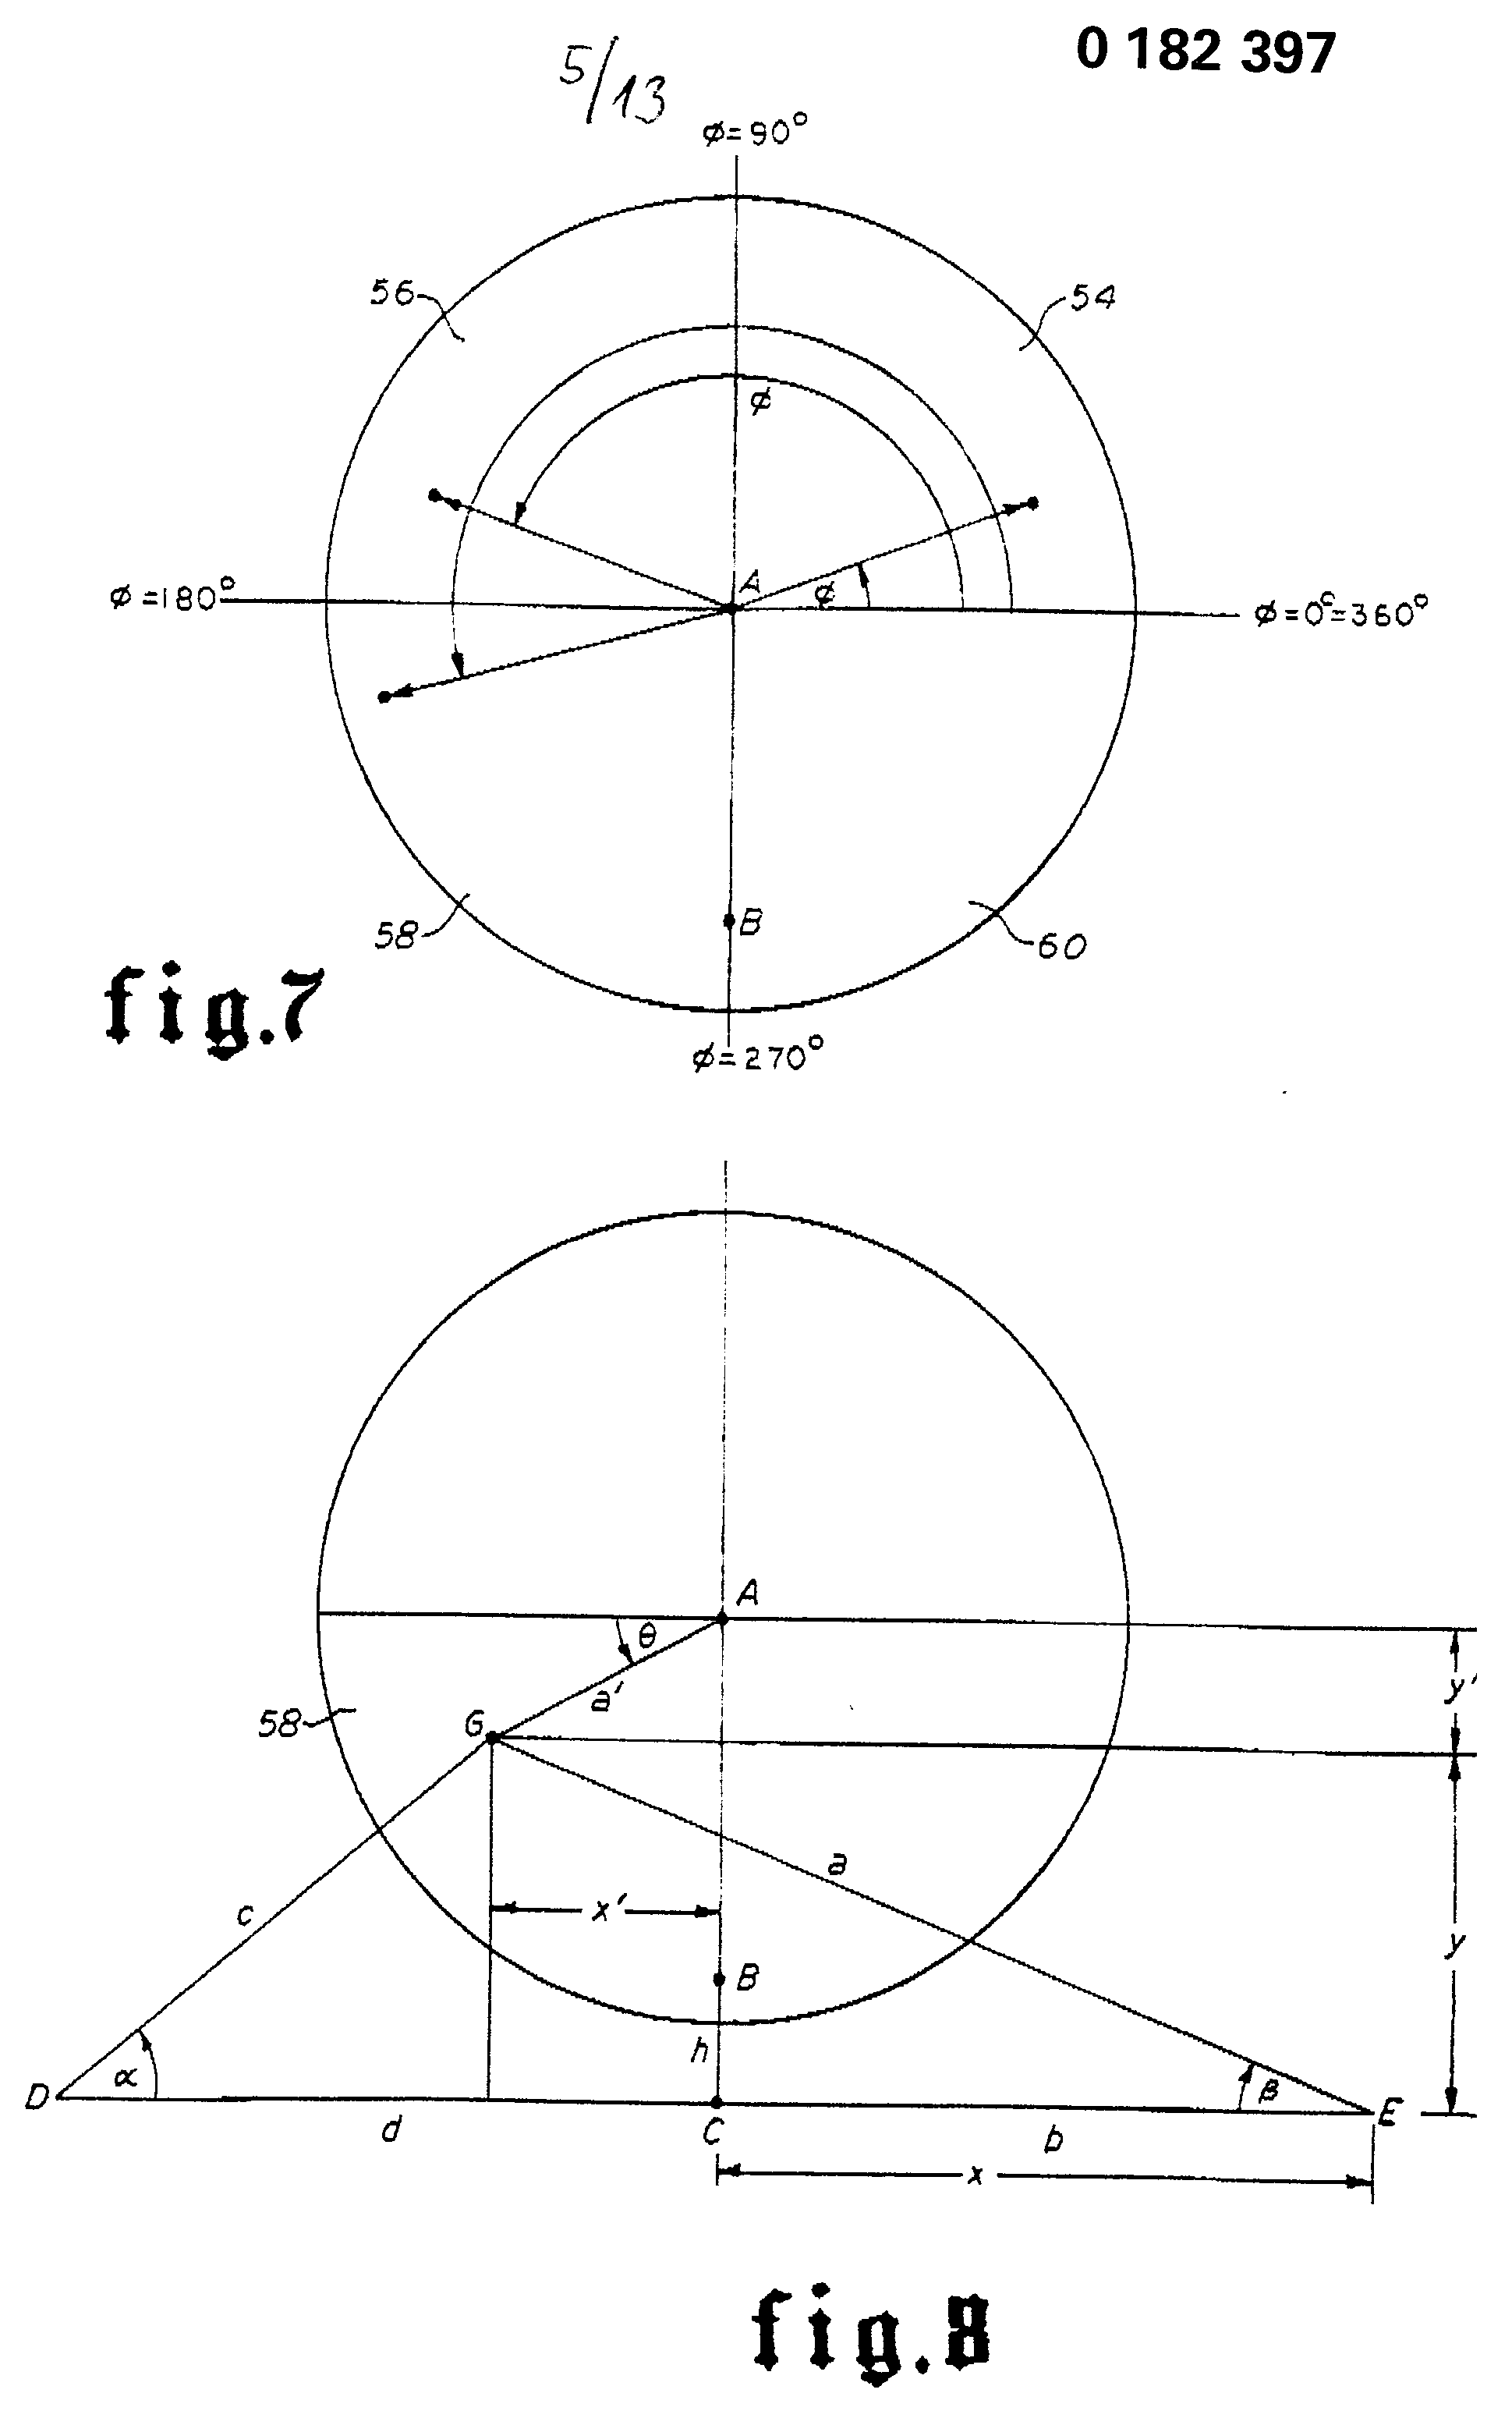 patente ep0182397a1